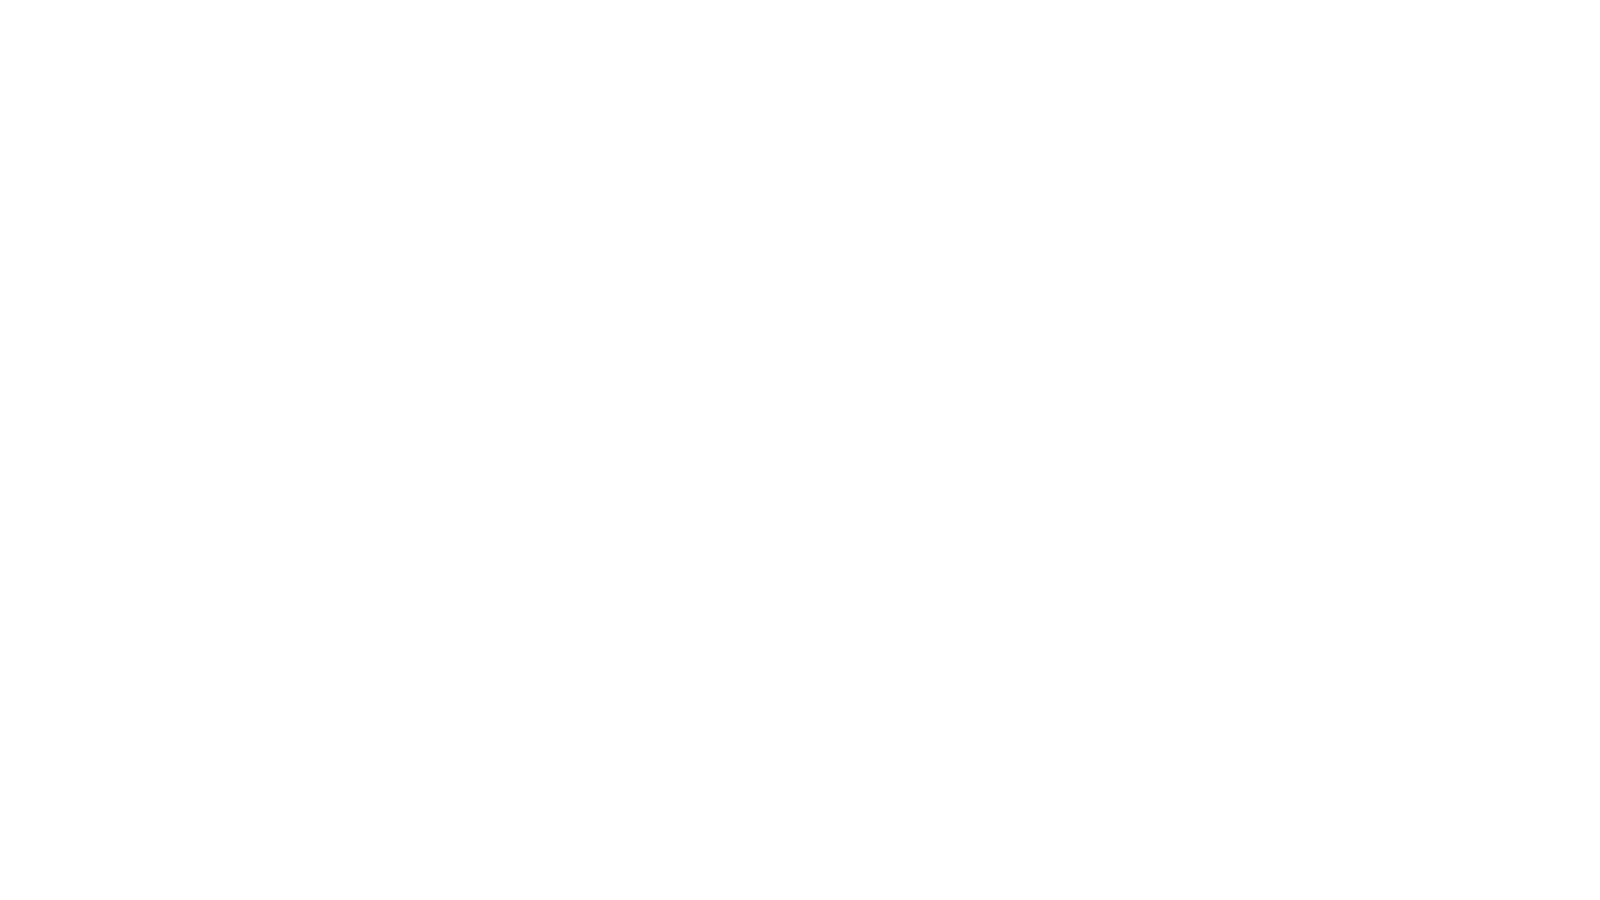 InNova   ELEGÂNCIA, MODERNIDADE E CONFORTO.  Este incrível mecanismo, foi desenvolvido especialmente para móveis contemporâneos, acomodando pés altos, médios e baixos.  É o melhor mecanismo para aplicação de Sofás, Namoradeiras e Home Theater.   Saiba mais: http://bit.ly/2IWV1zN